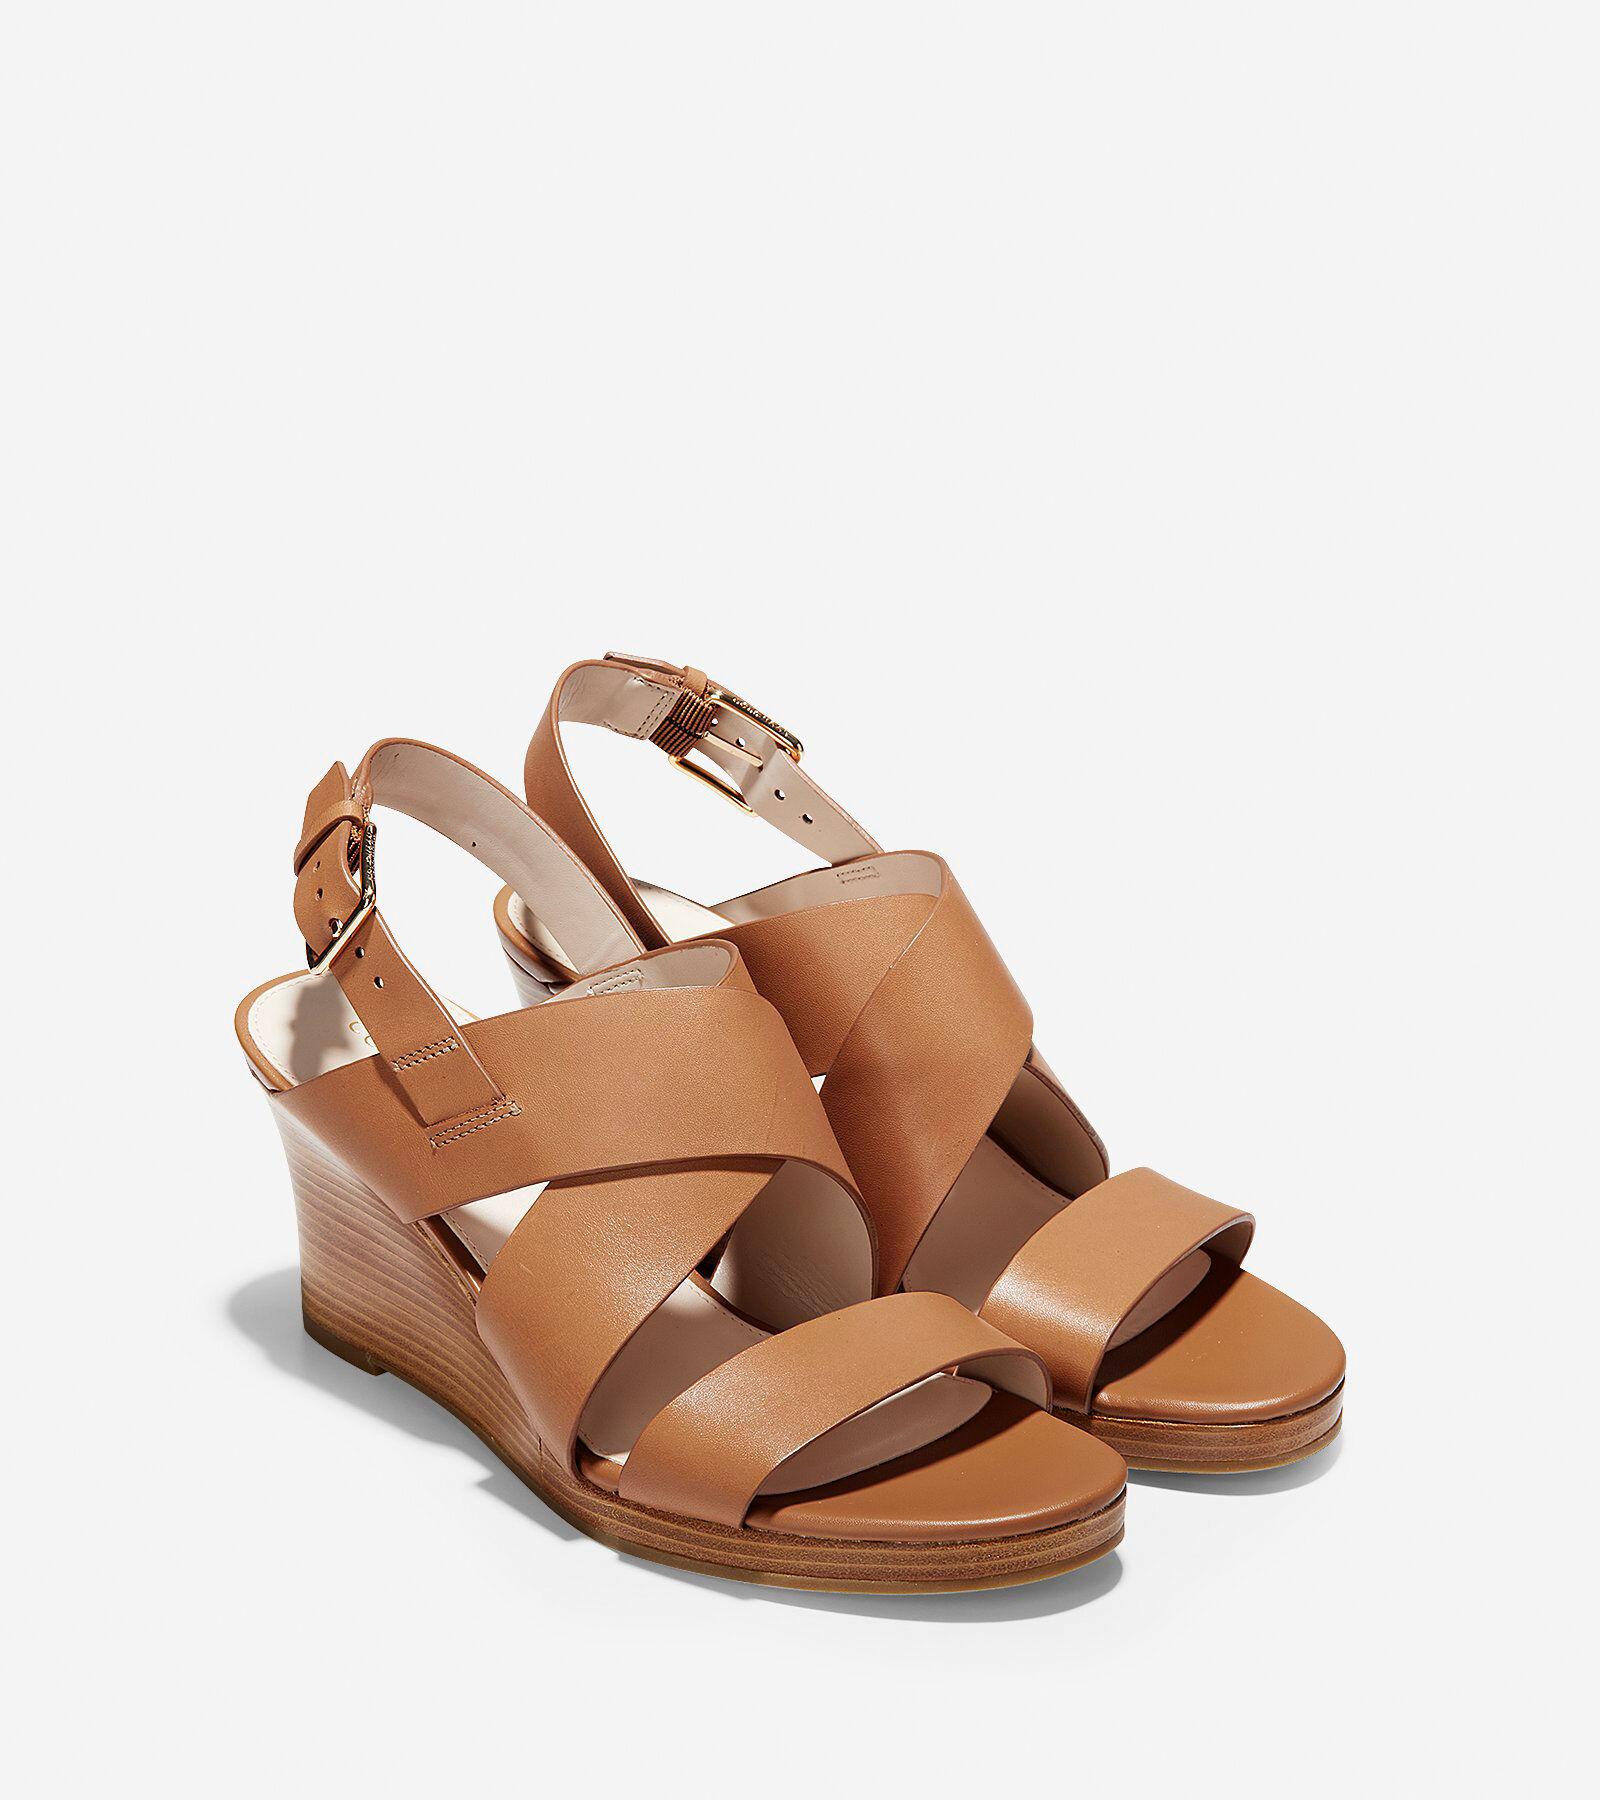 Cole Haan Womens Penelope Wedge II Sandal